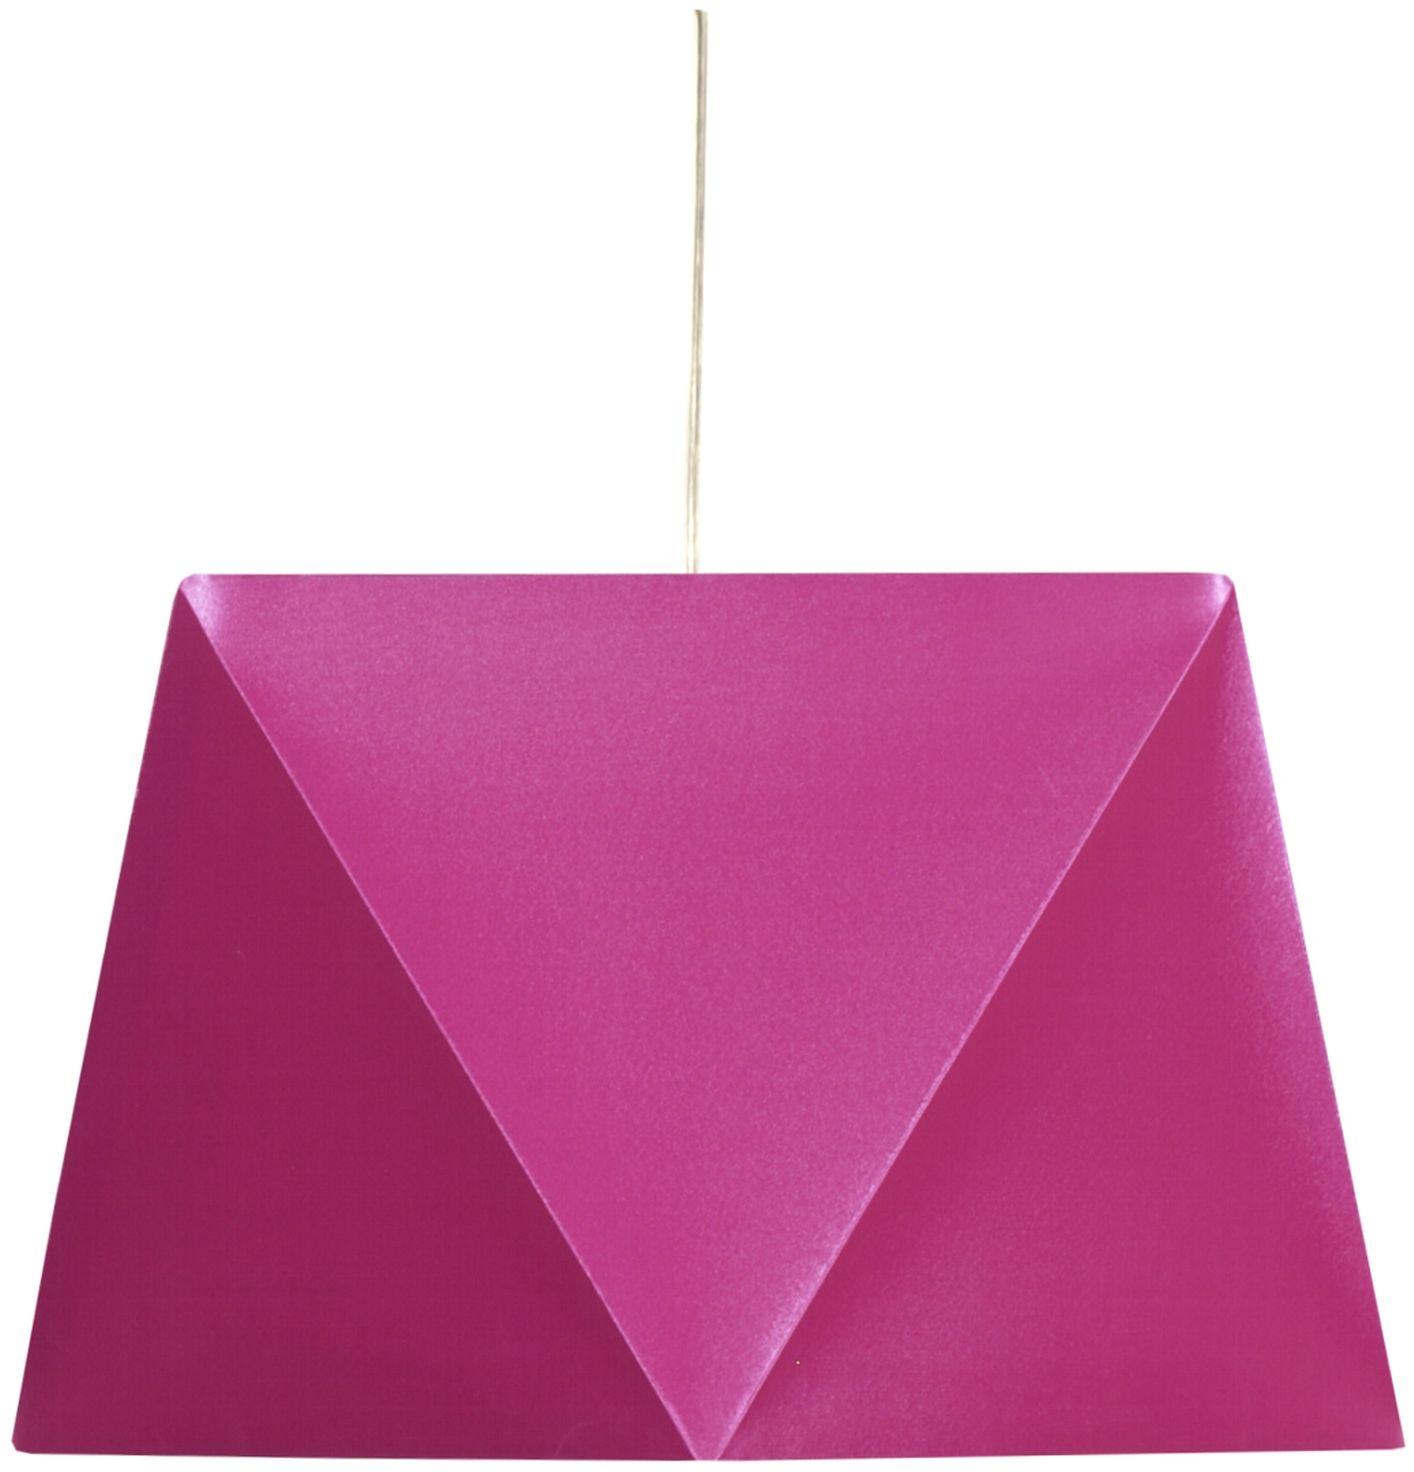 Candellux HEXAGEN 31-03638 lampa wisząca geometryczny kształt abażura różowy 1X60W E27 42 cm